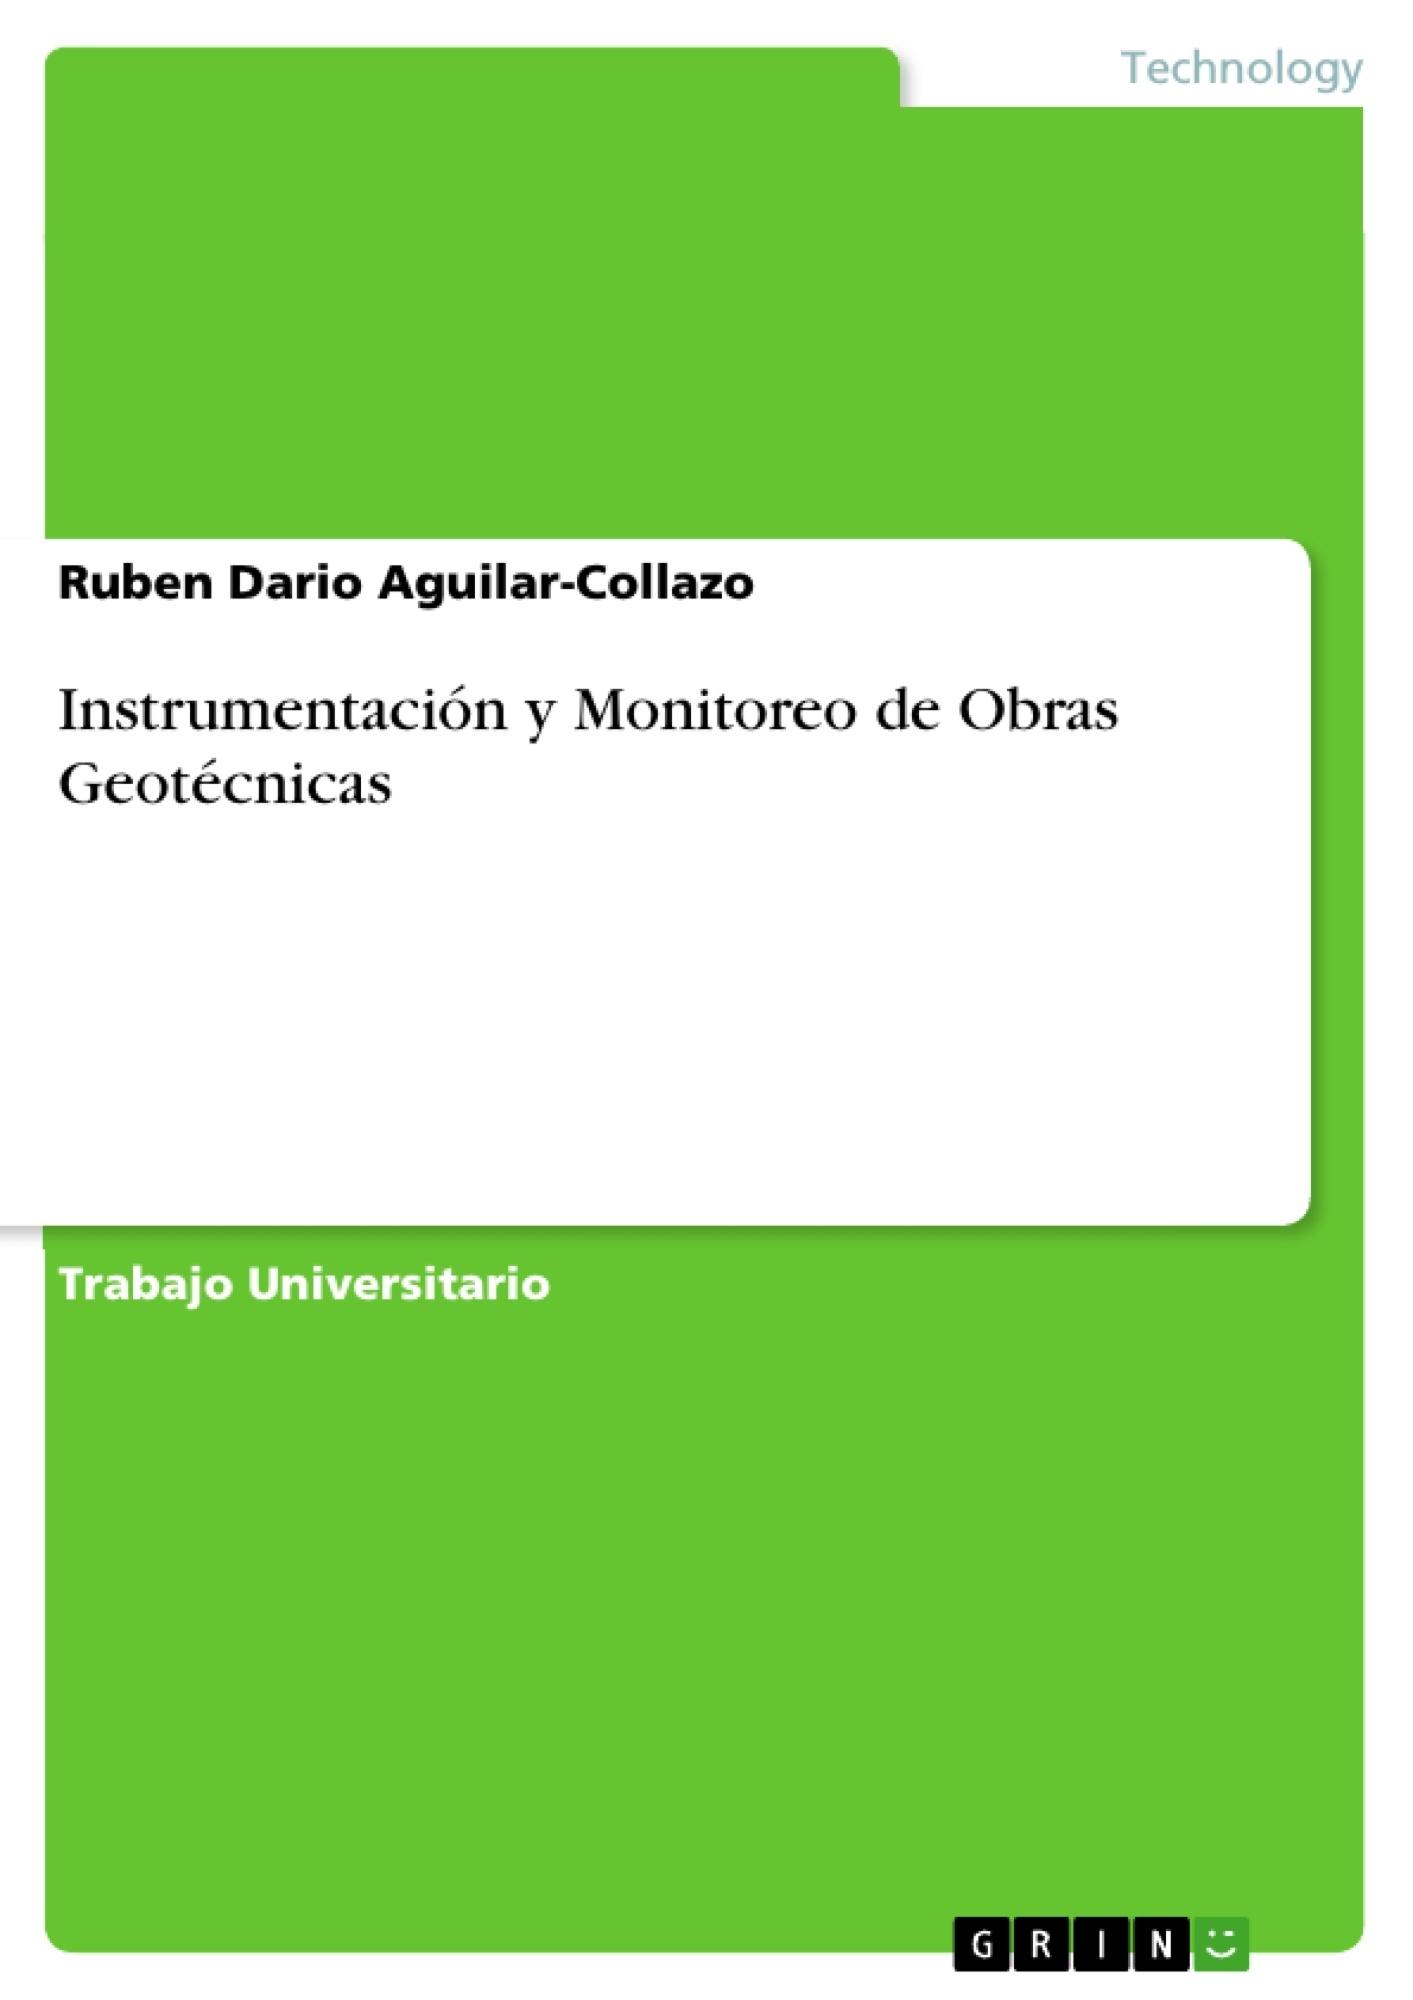 Título: Instrumentación y Monitoreo de Obras Geotécnicas